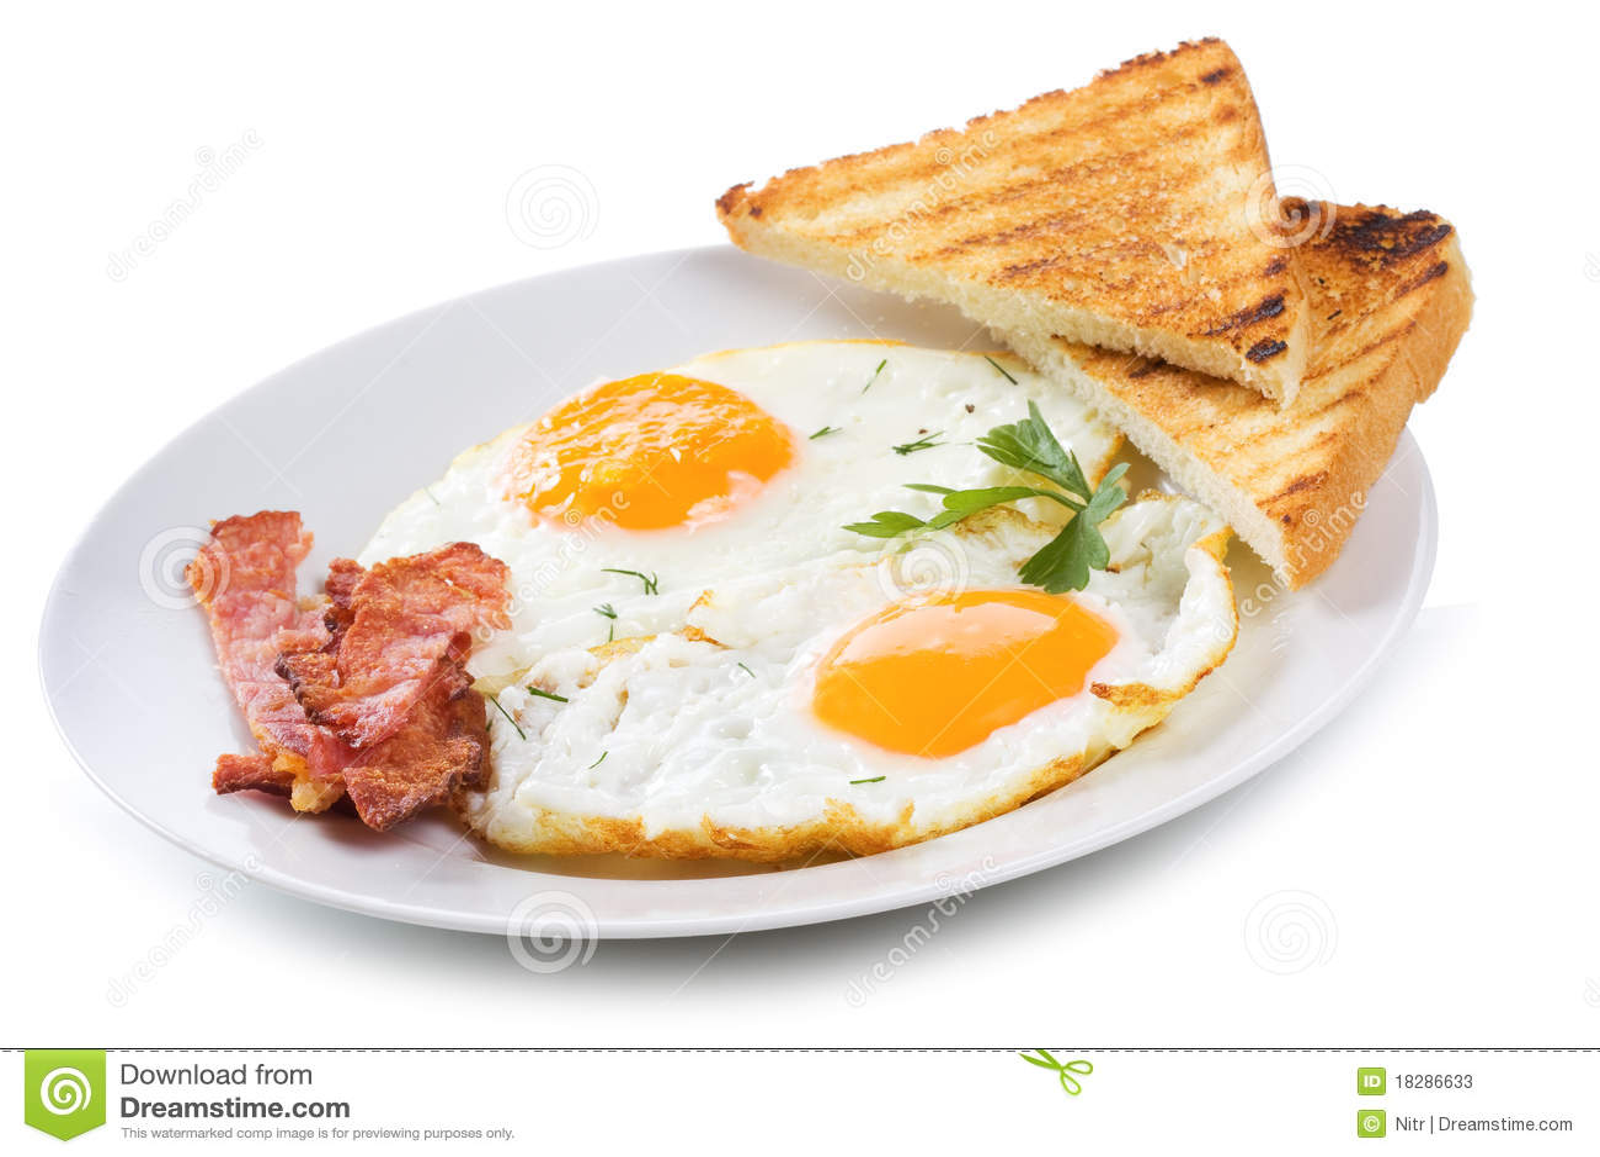 Ovos fritados com bacon e brindes